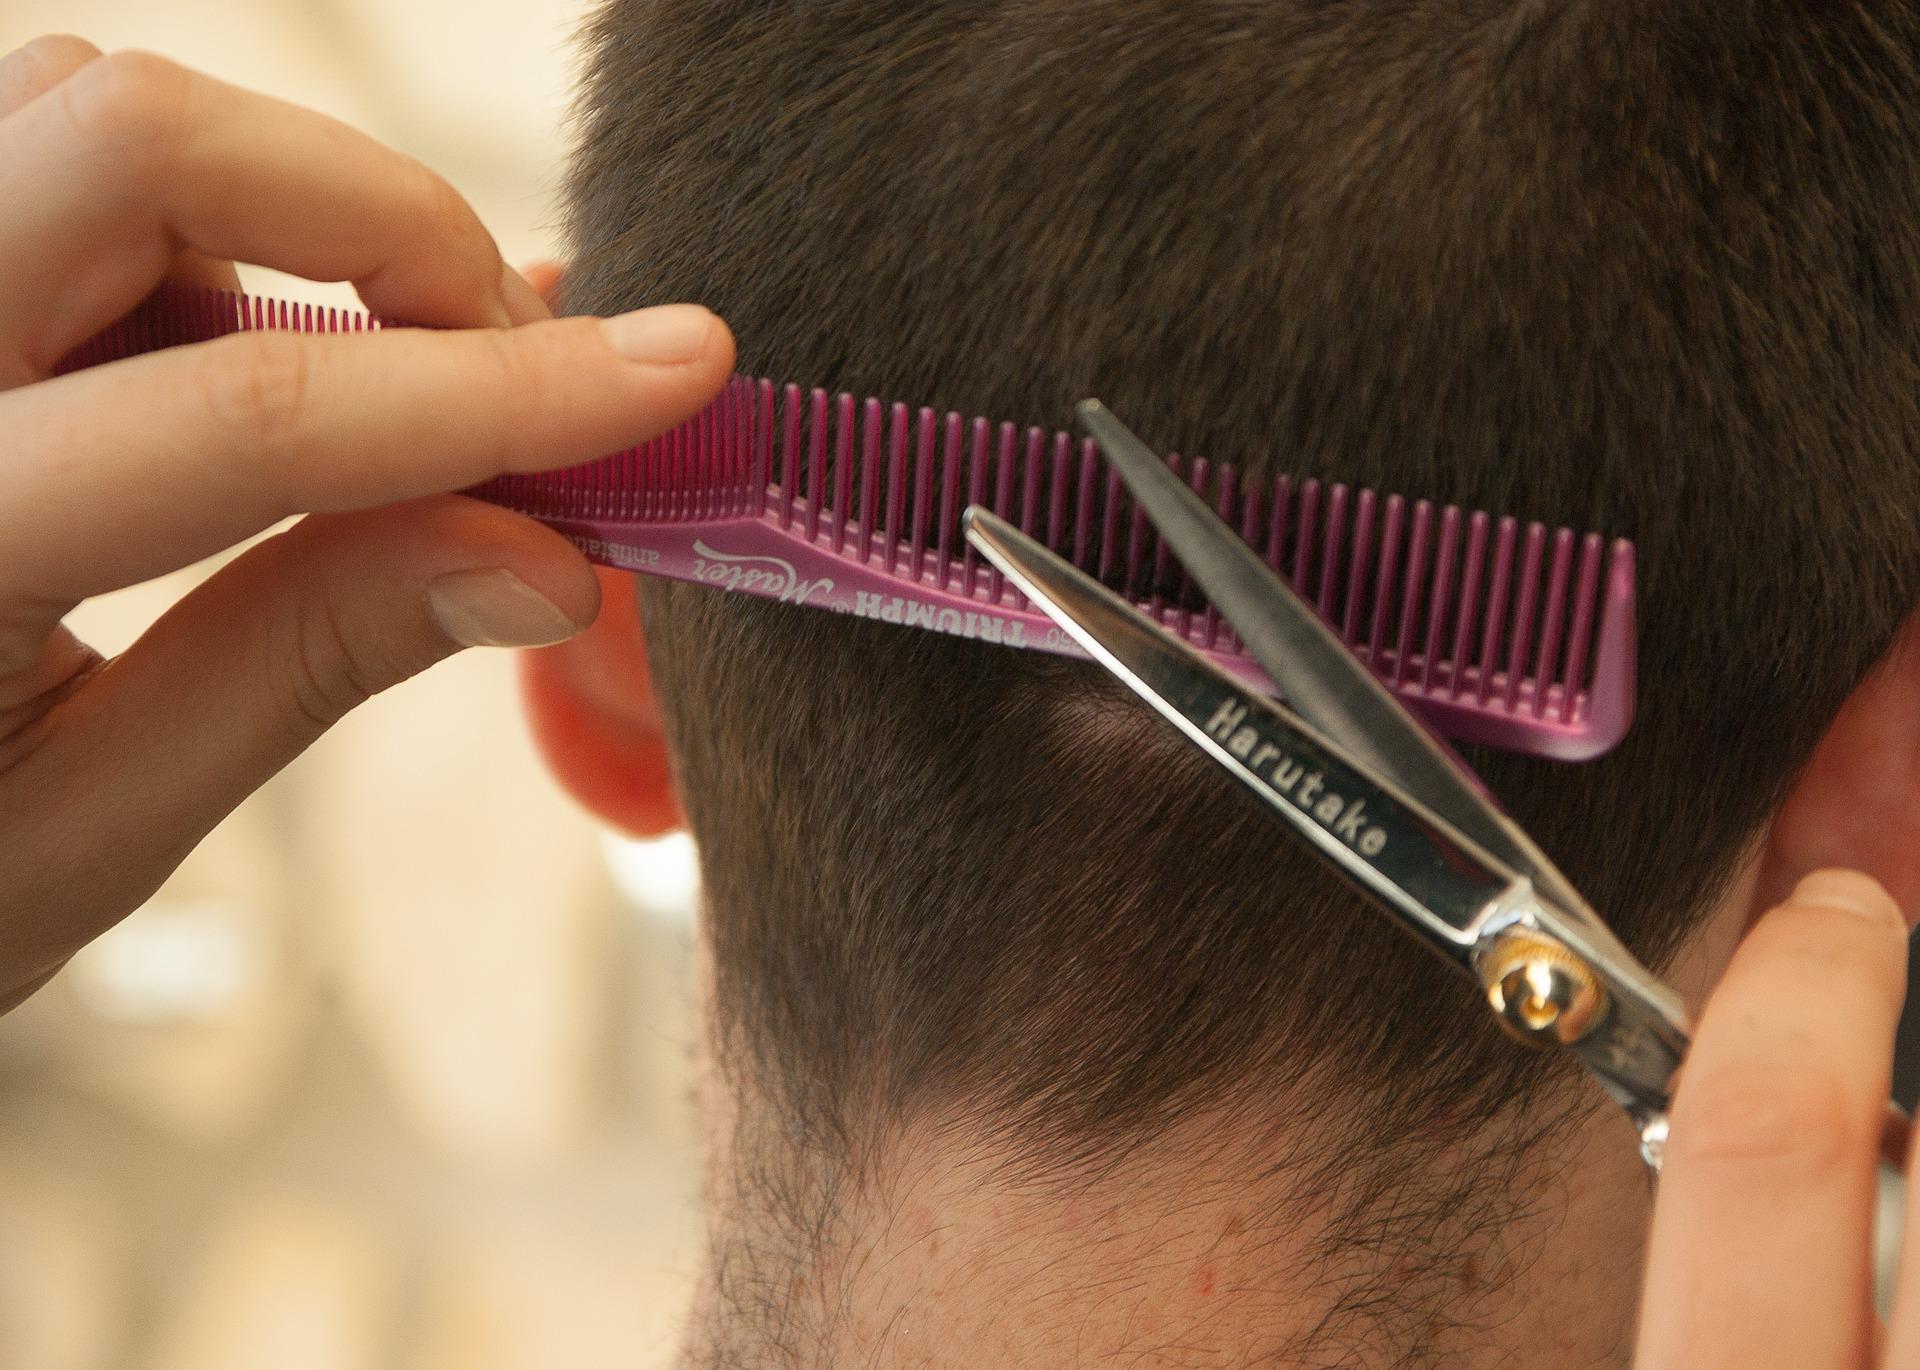 hairdresser-1179459_1920.jpg